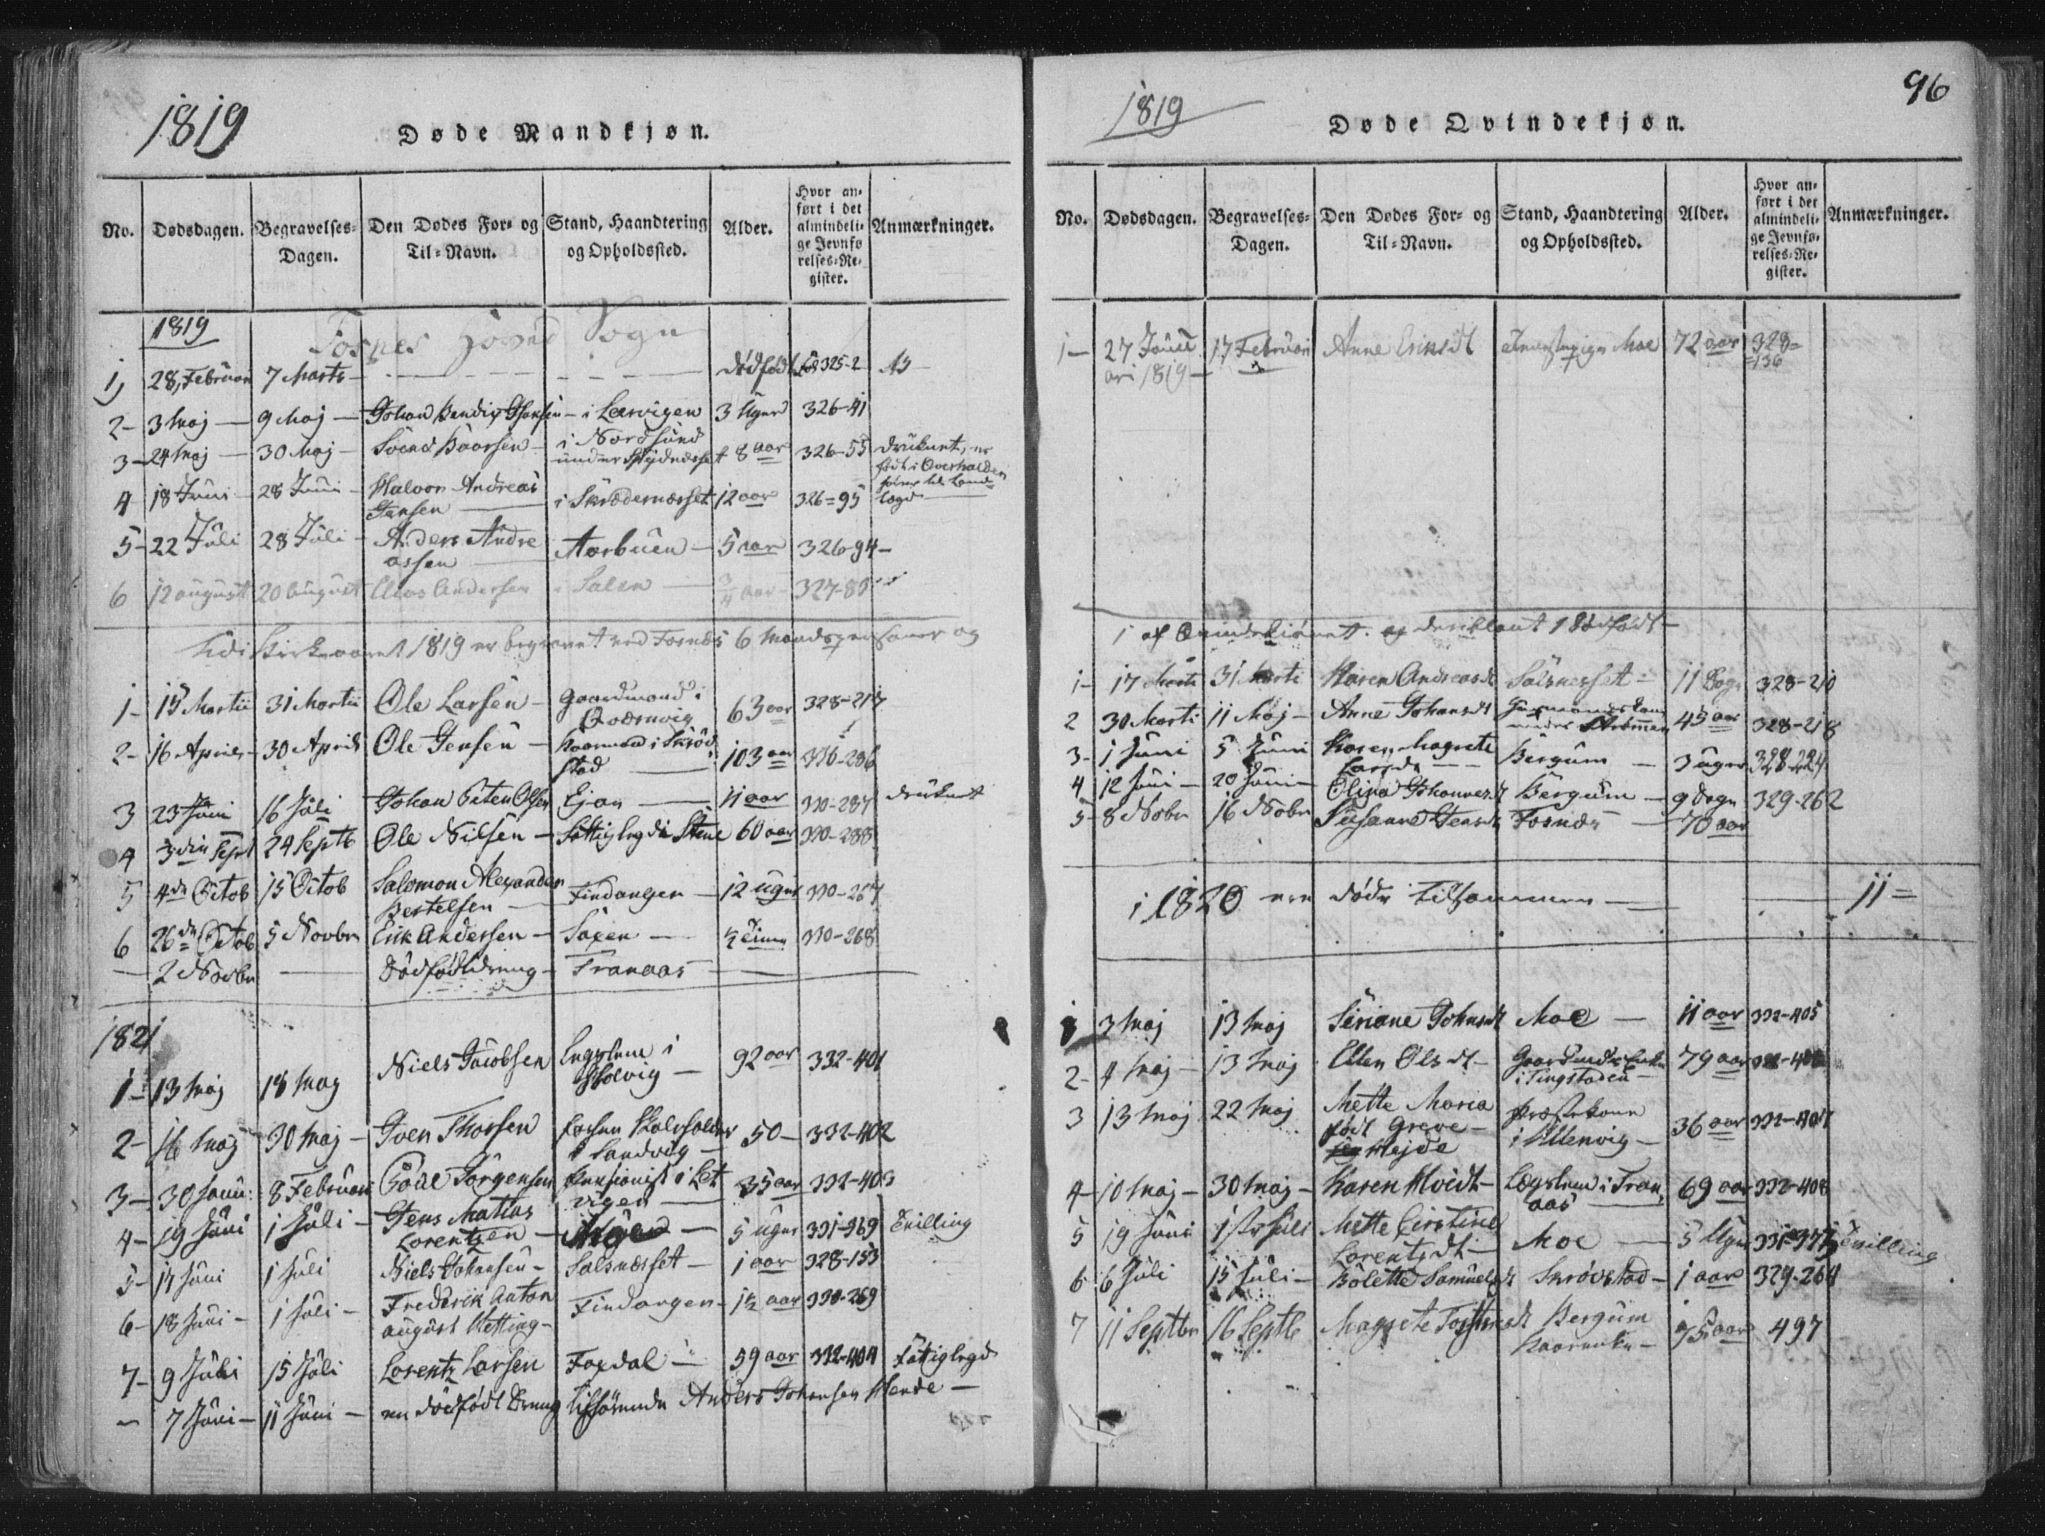 SAT, Ministerialprotokoller, klokkerbøker og fødselsregistre - Nord-Trøndelag, 773/L0609: Ministerialbok nr. 773A03 /1, 1815-1830, s. 96